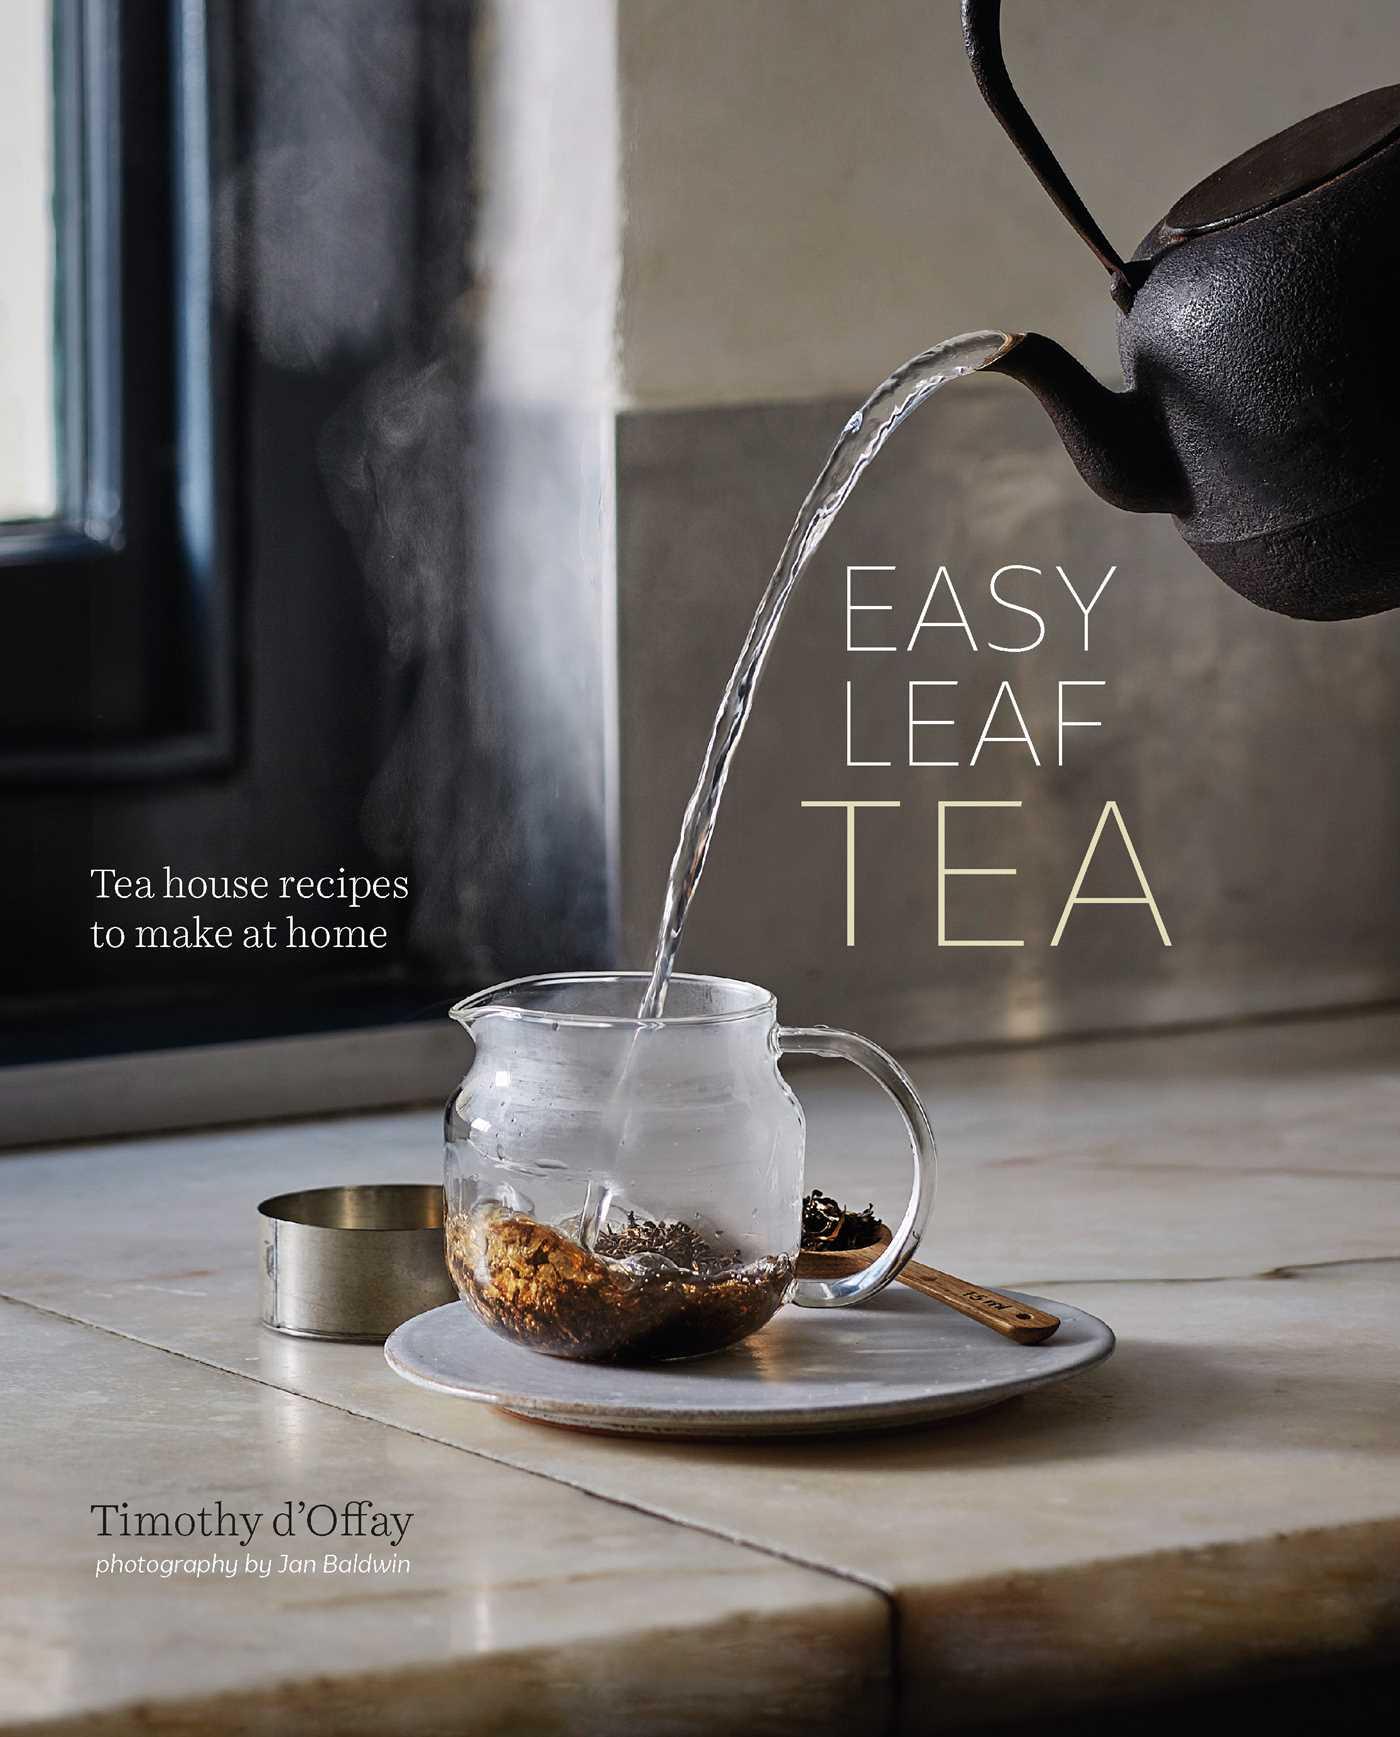 Easy leaf tea 9781849758246 hr